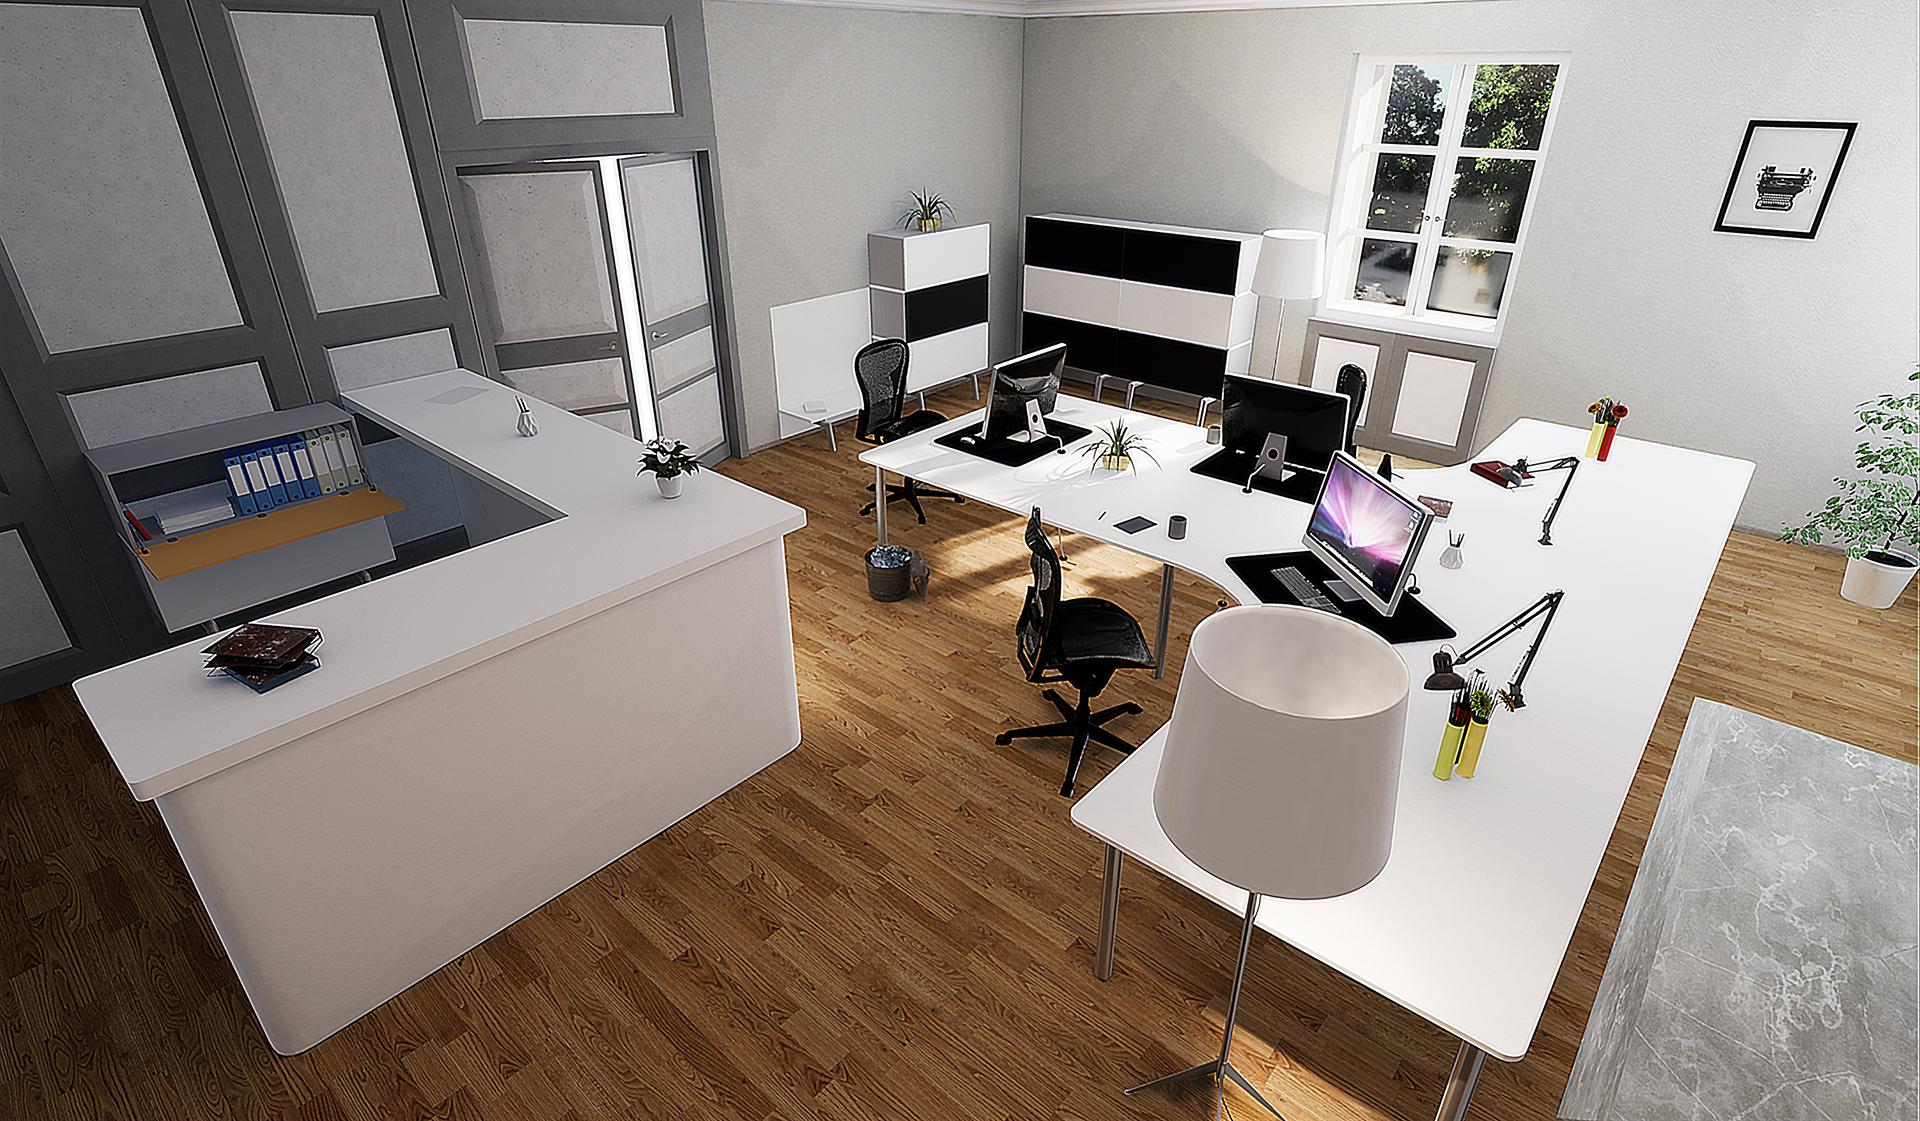 3D modeling - 3D rendering - Real estate promotion - Renovation of the municipal registry in Préverenges